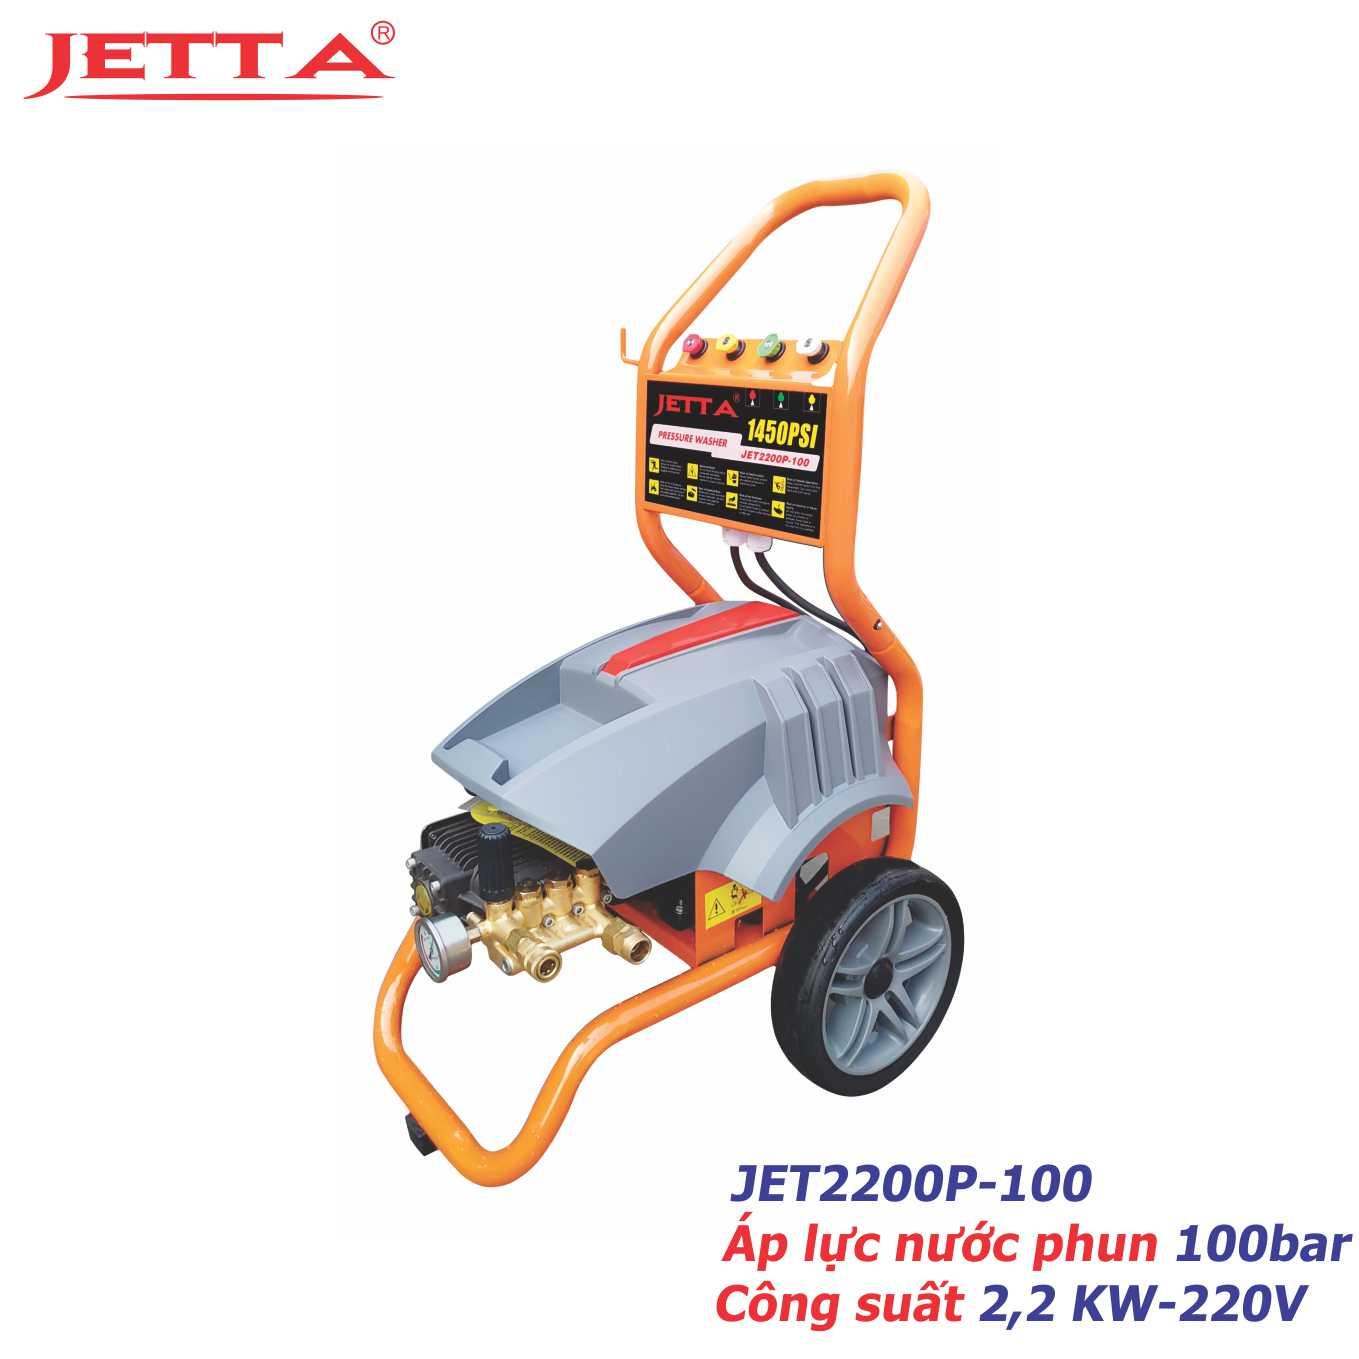 Máy rửa xe 2,2 KW  2200P-100